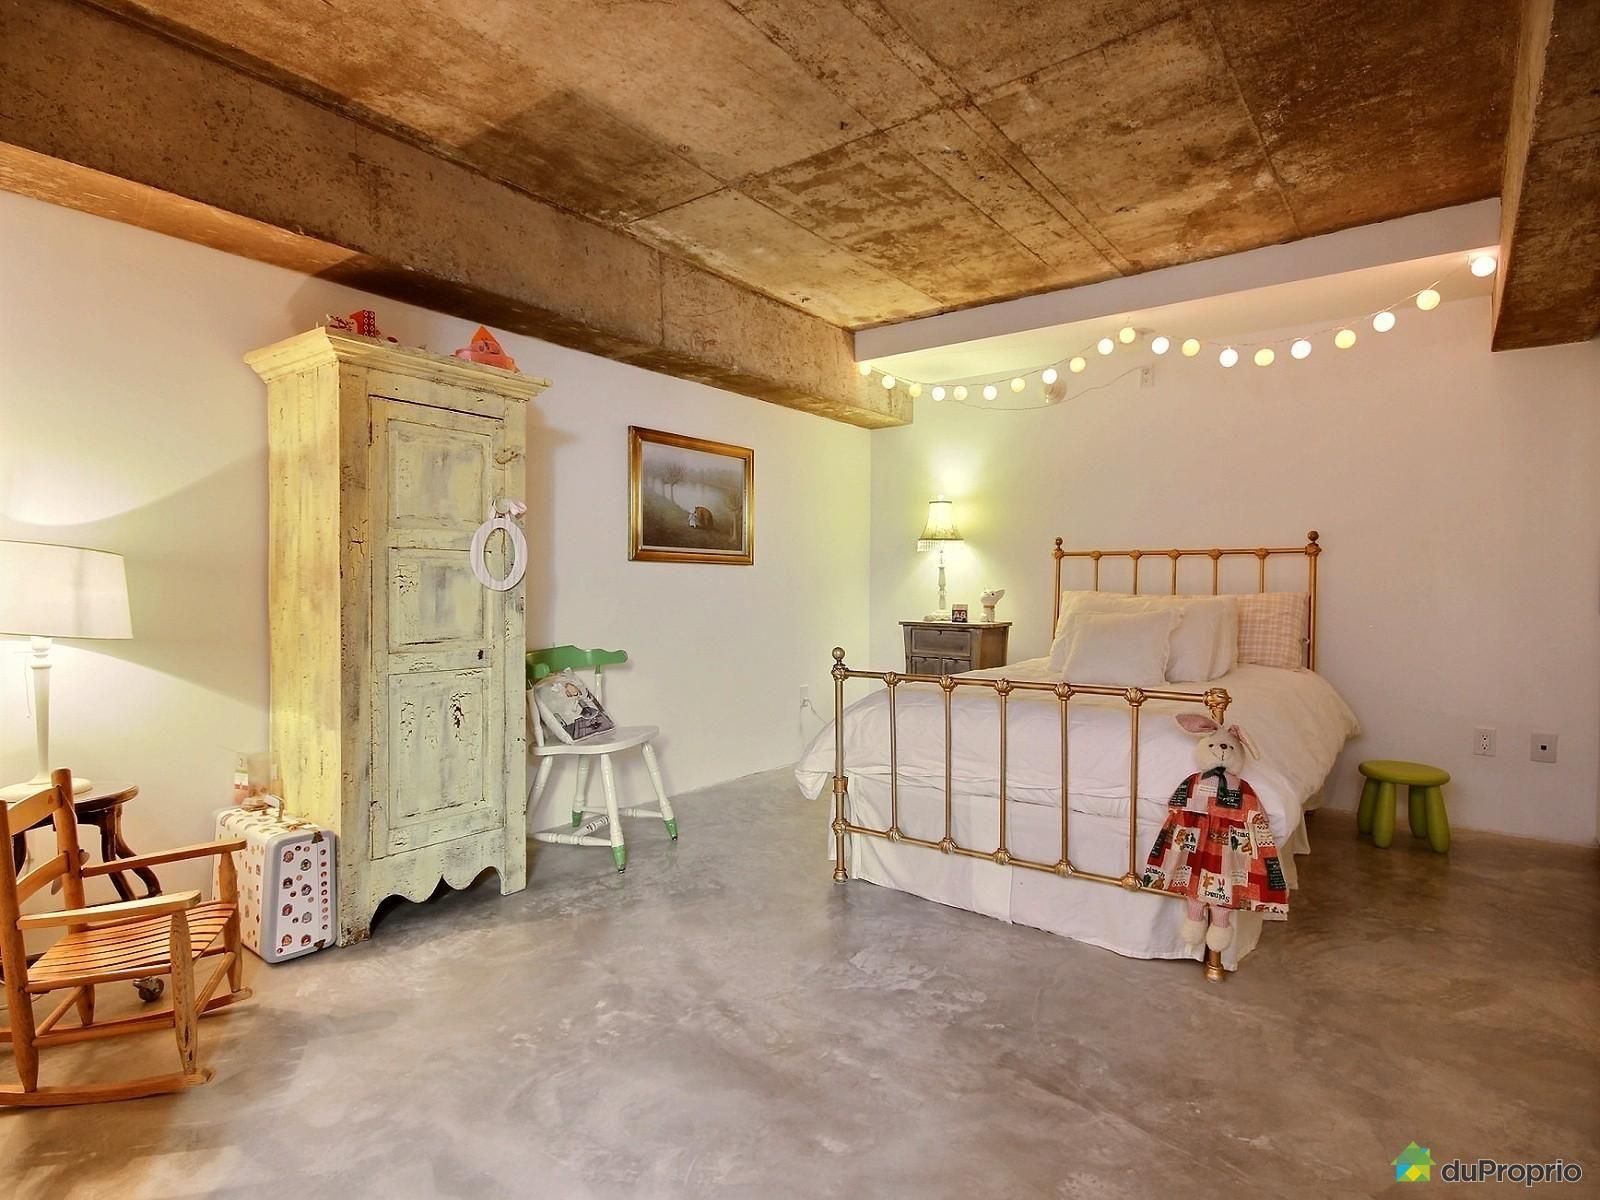 Quelle belle chambre J adore l aspect rustique de cette chambre d